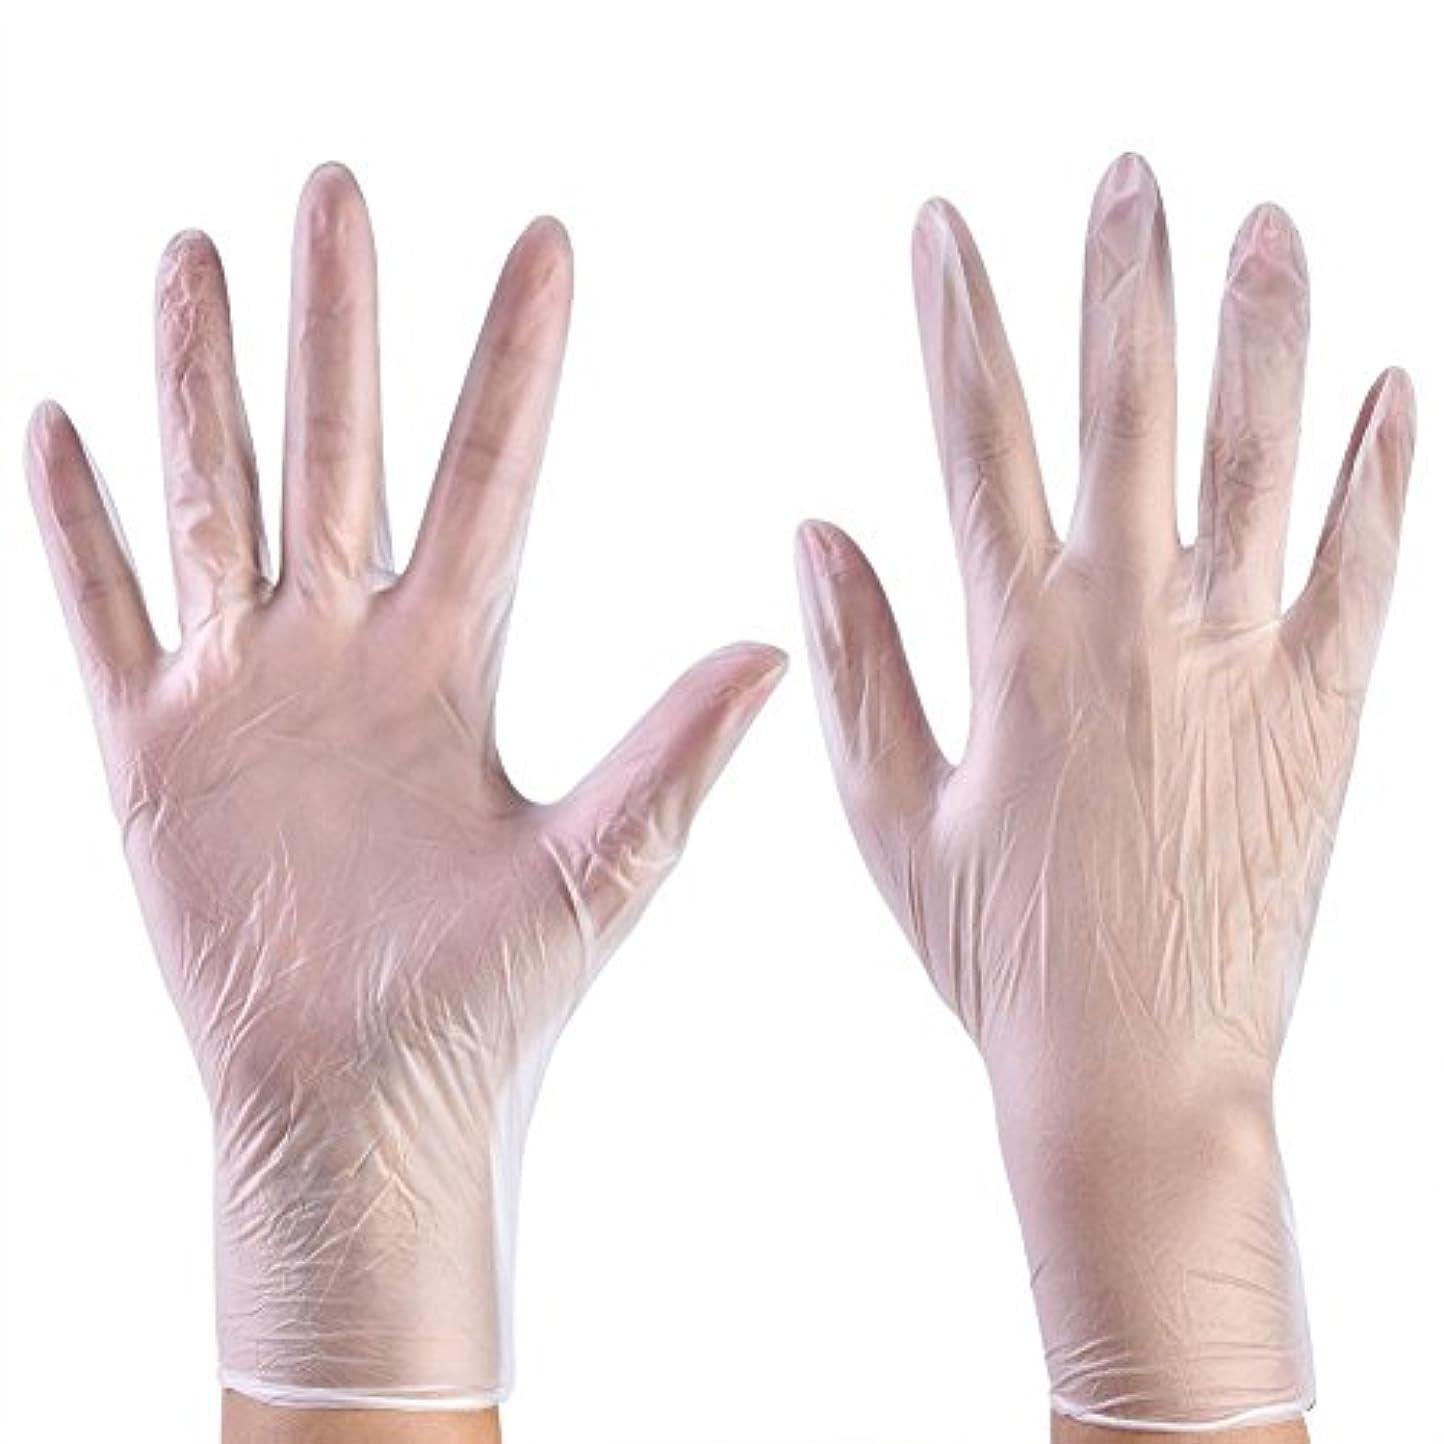 ガウン本を読むピストル使い捨て手袋 ニトリルグローブ ホワイト 粉なし タトゥー/歯科/病院/研究室に適応 S/M/L選択可 100枚 左右兼用(L)